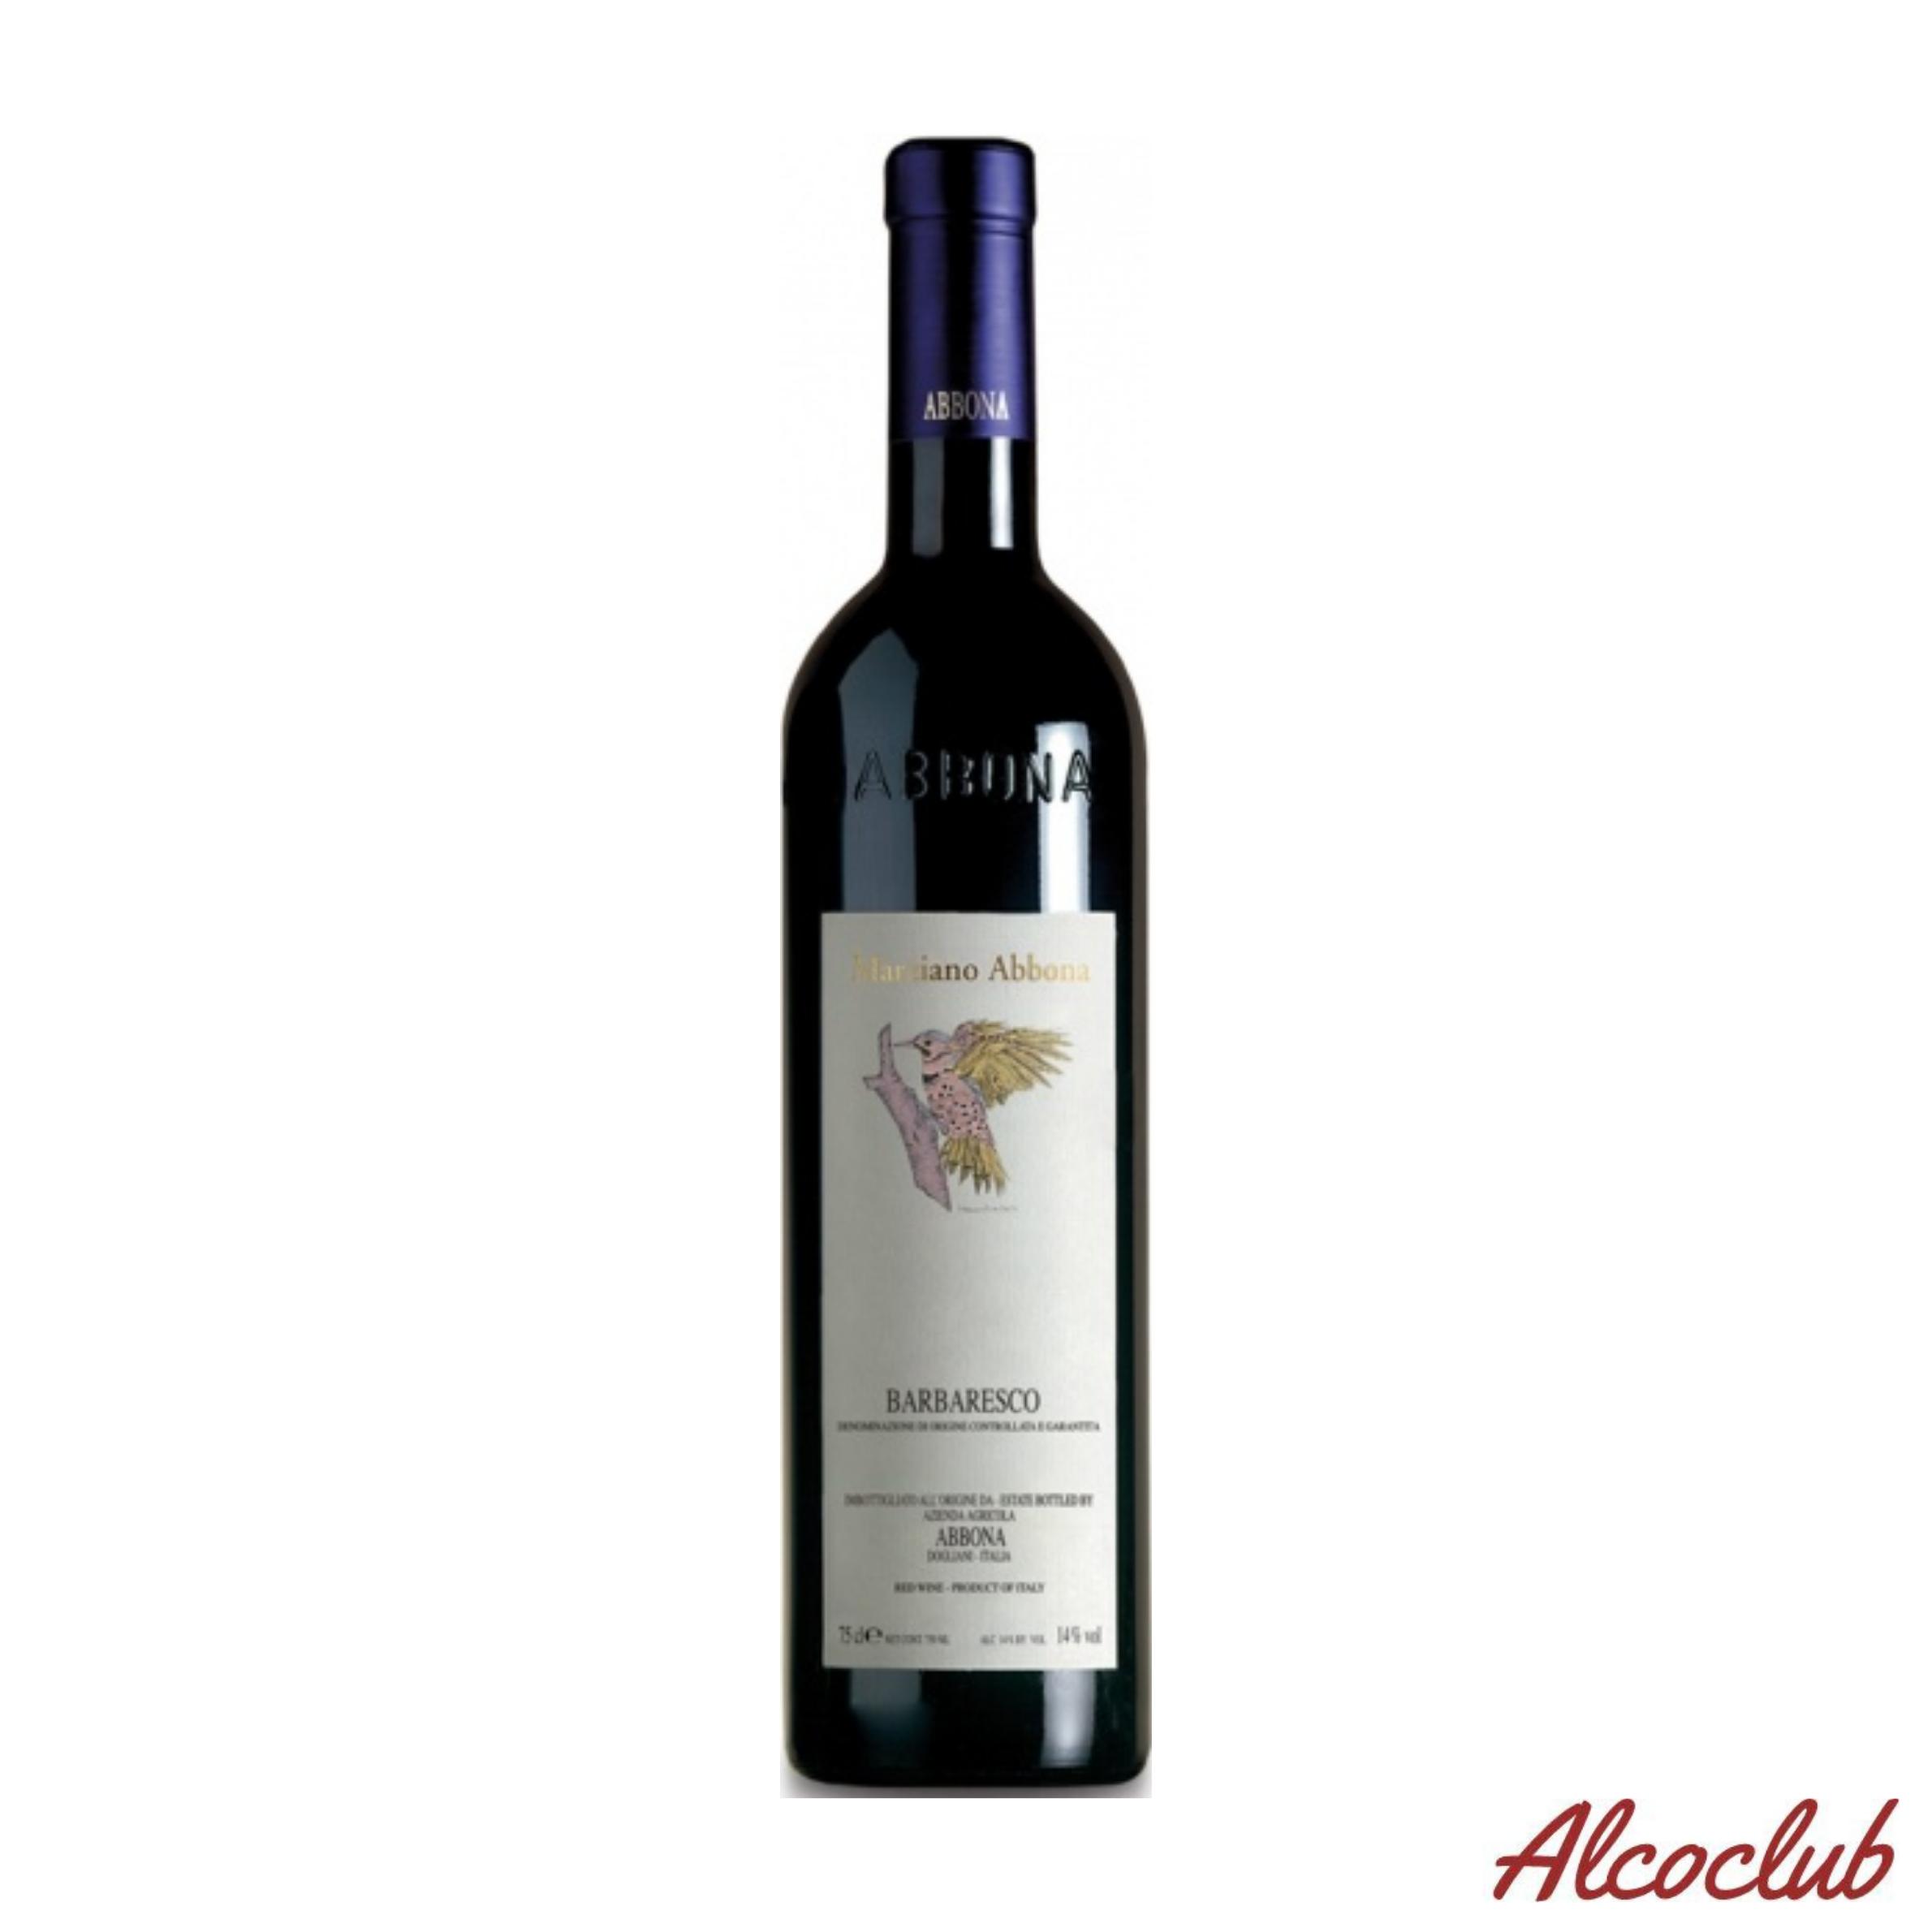 Заказать в Украине сухое вино Abbona Barbaresco DOCG 2015 Италия